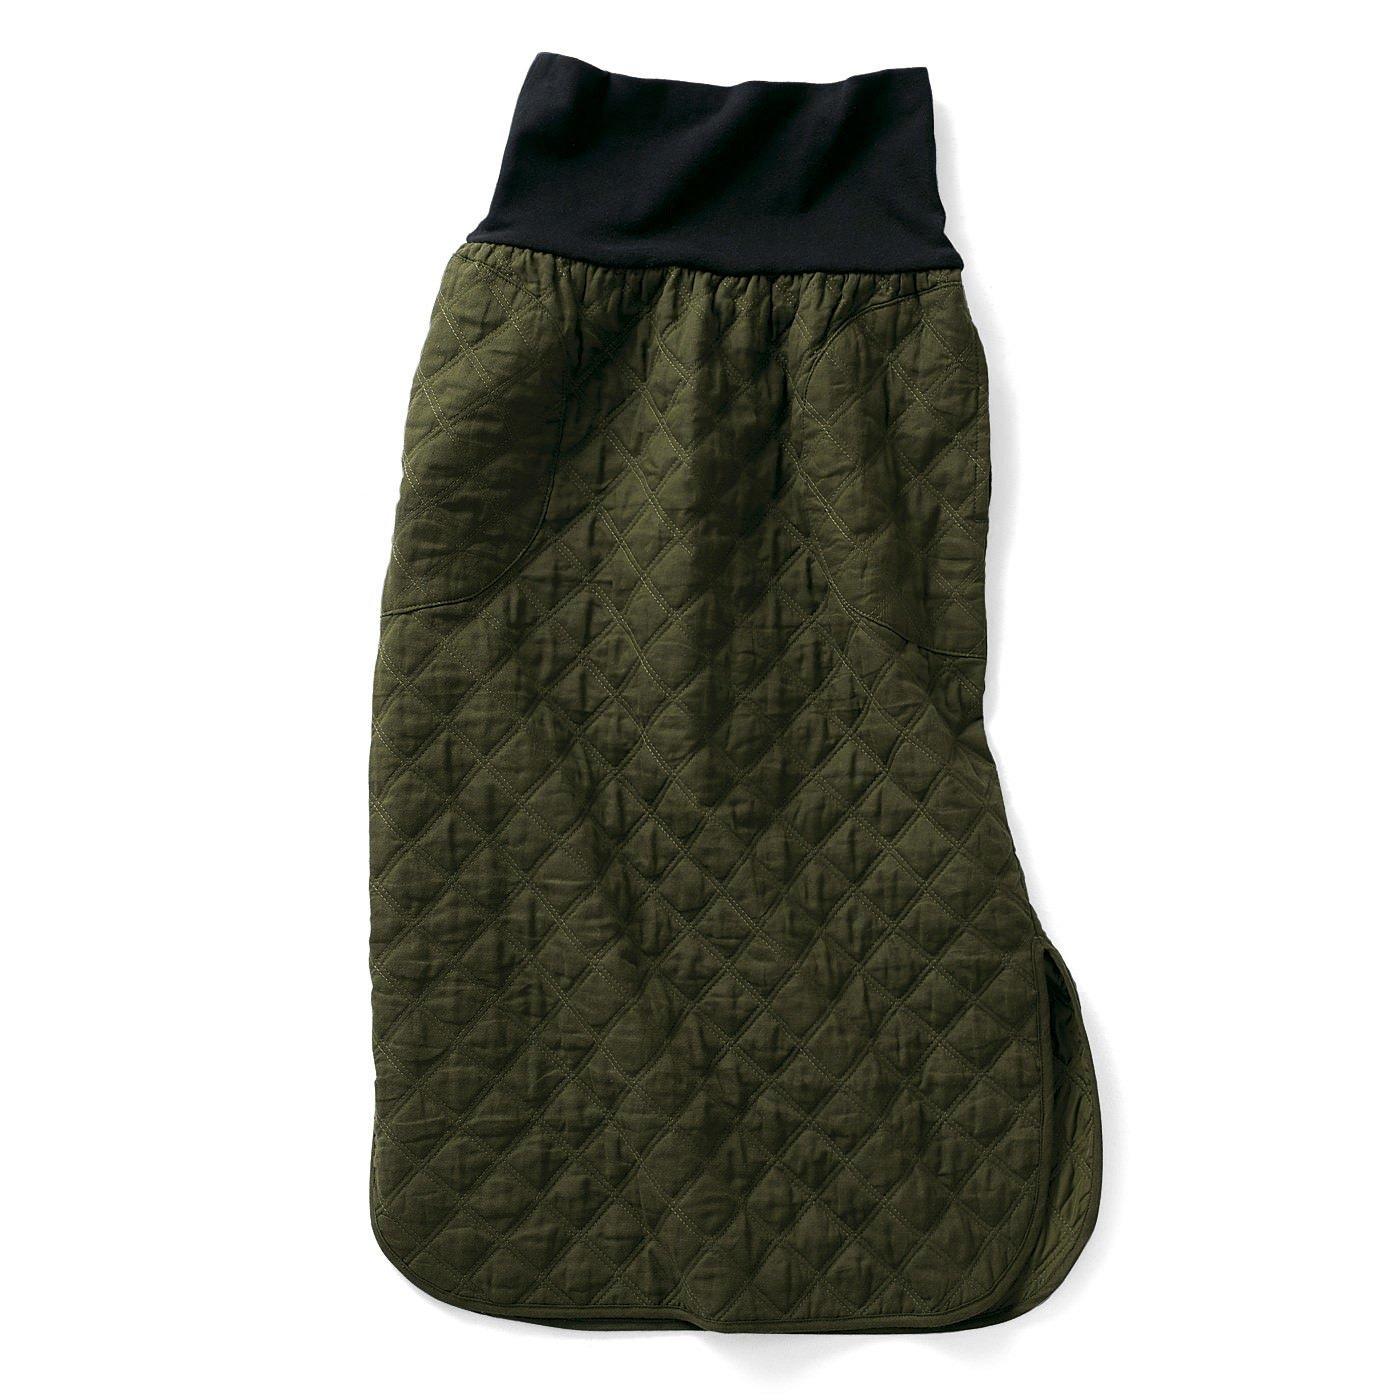 フラウグラット おなかまわりをやさしく包む 安心あったかキルティングスカート